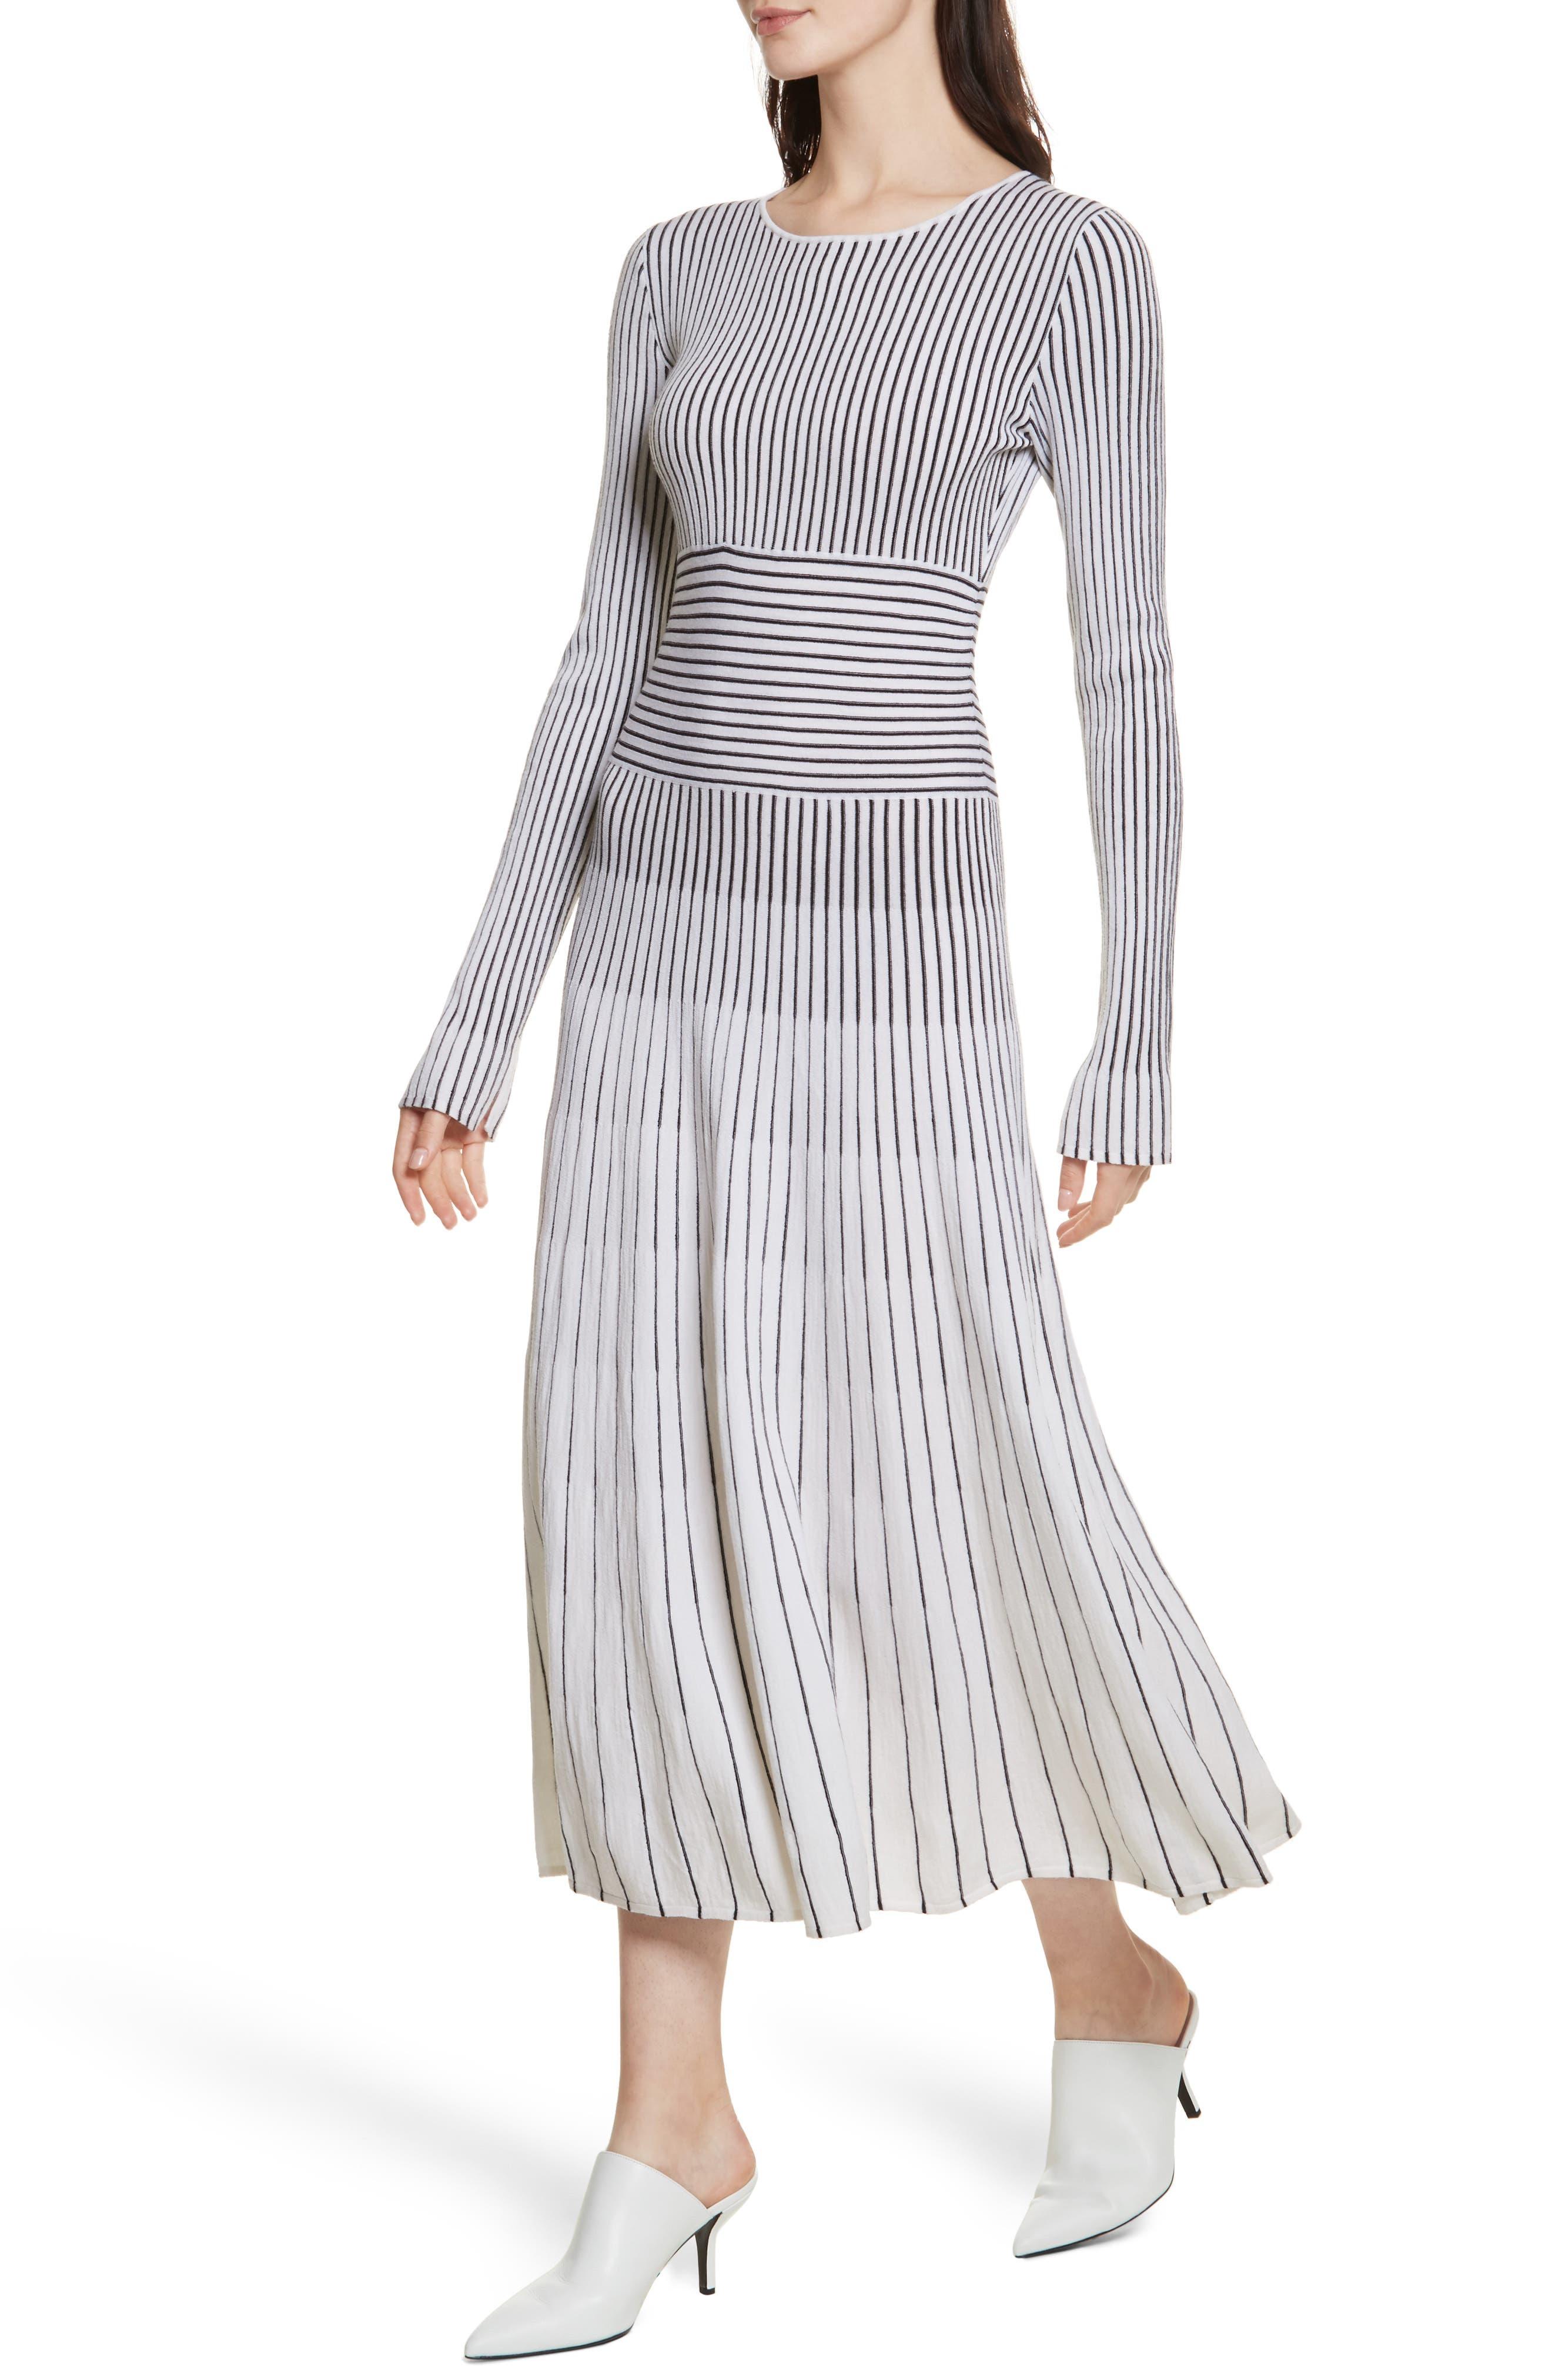 Sheridan Stripe Knit Midi Dress,                             Alternate thumbnail 4, color,